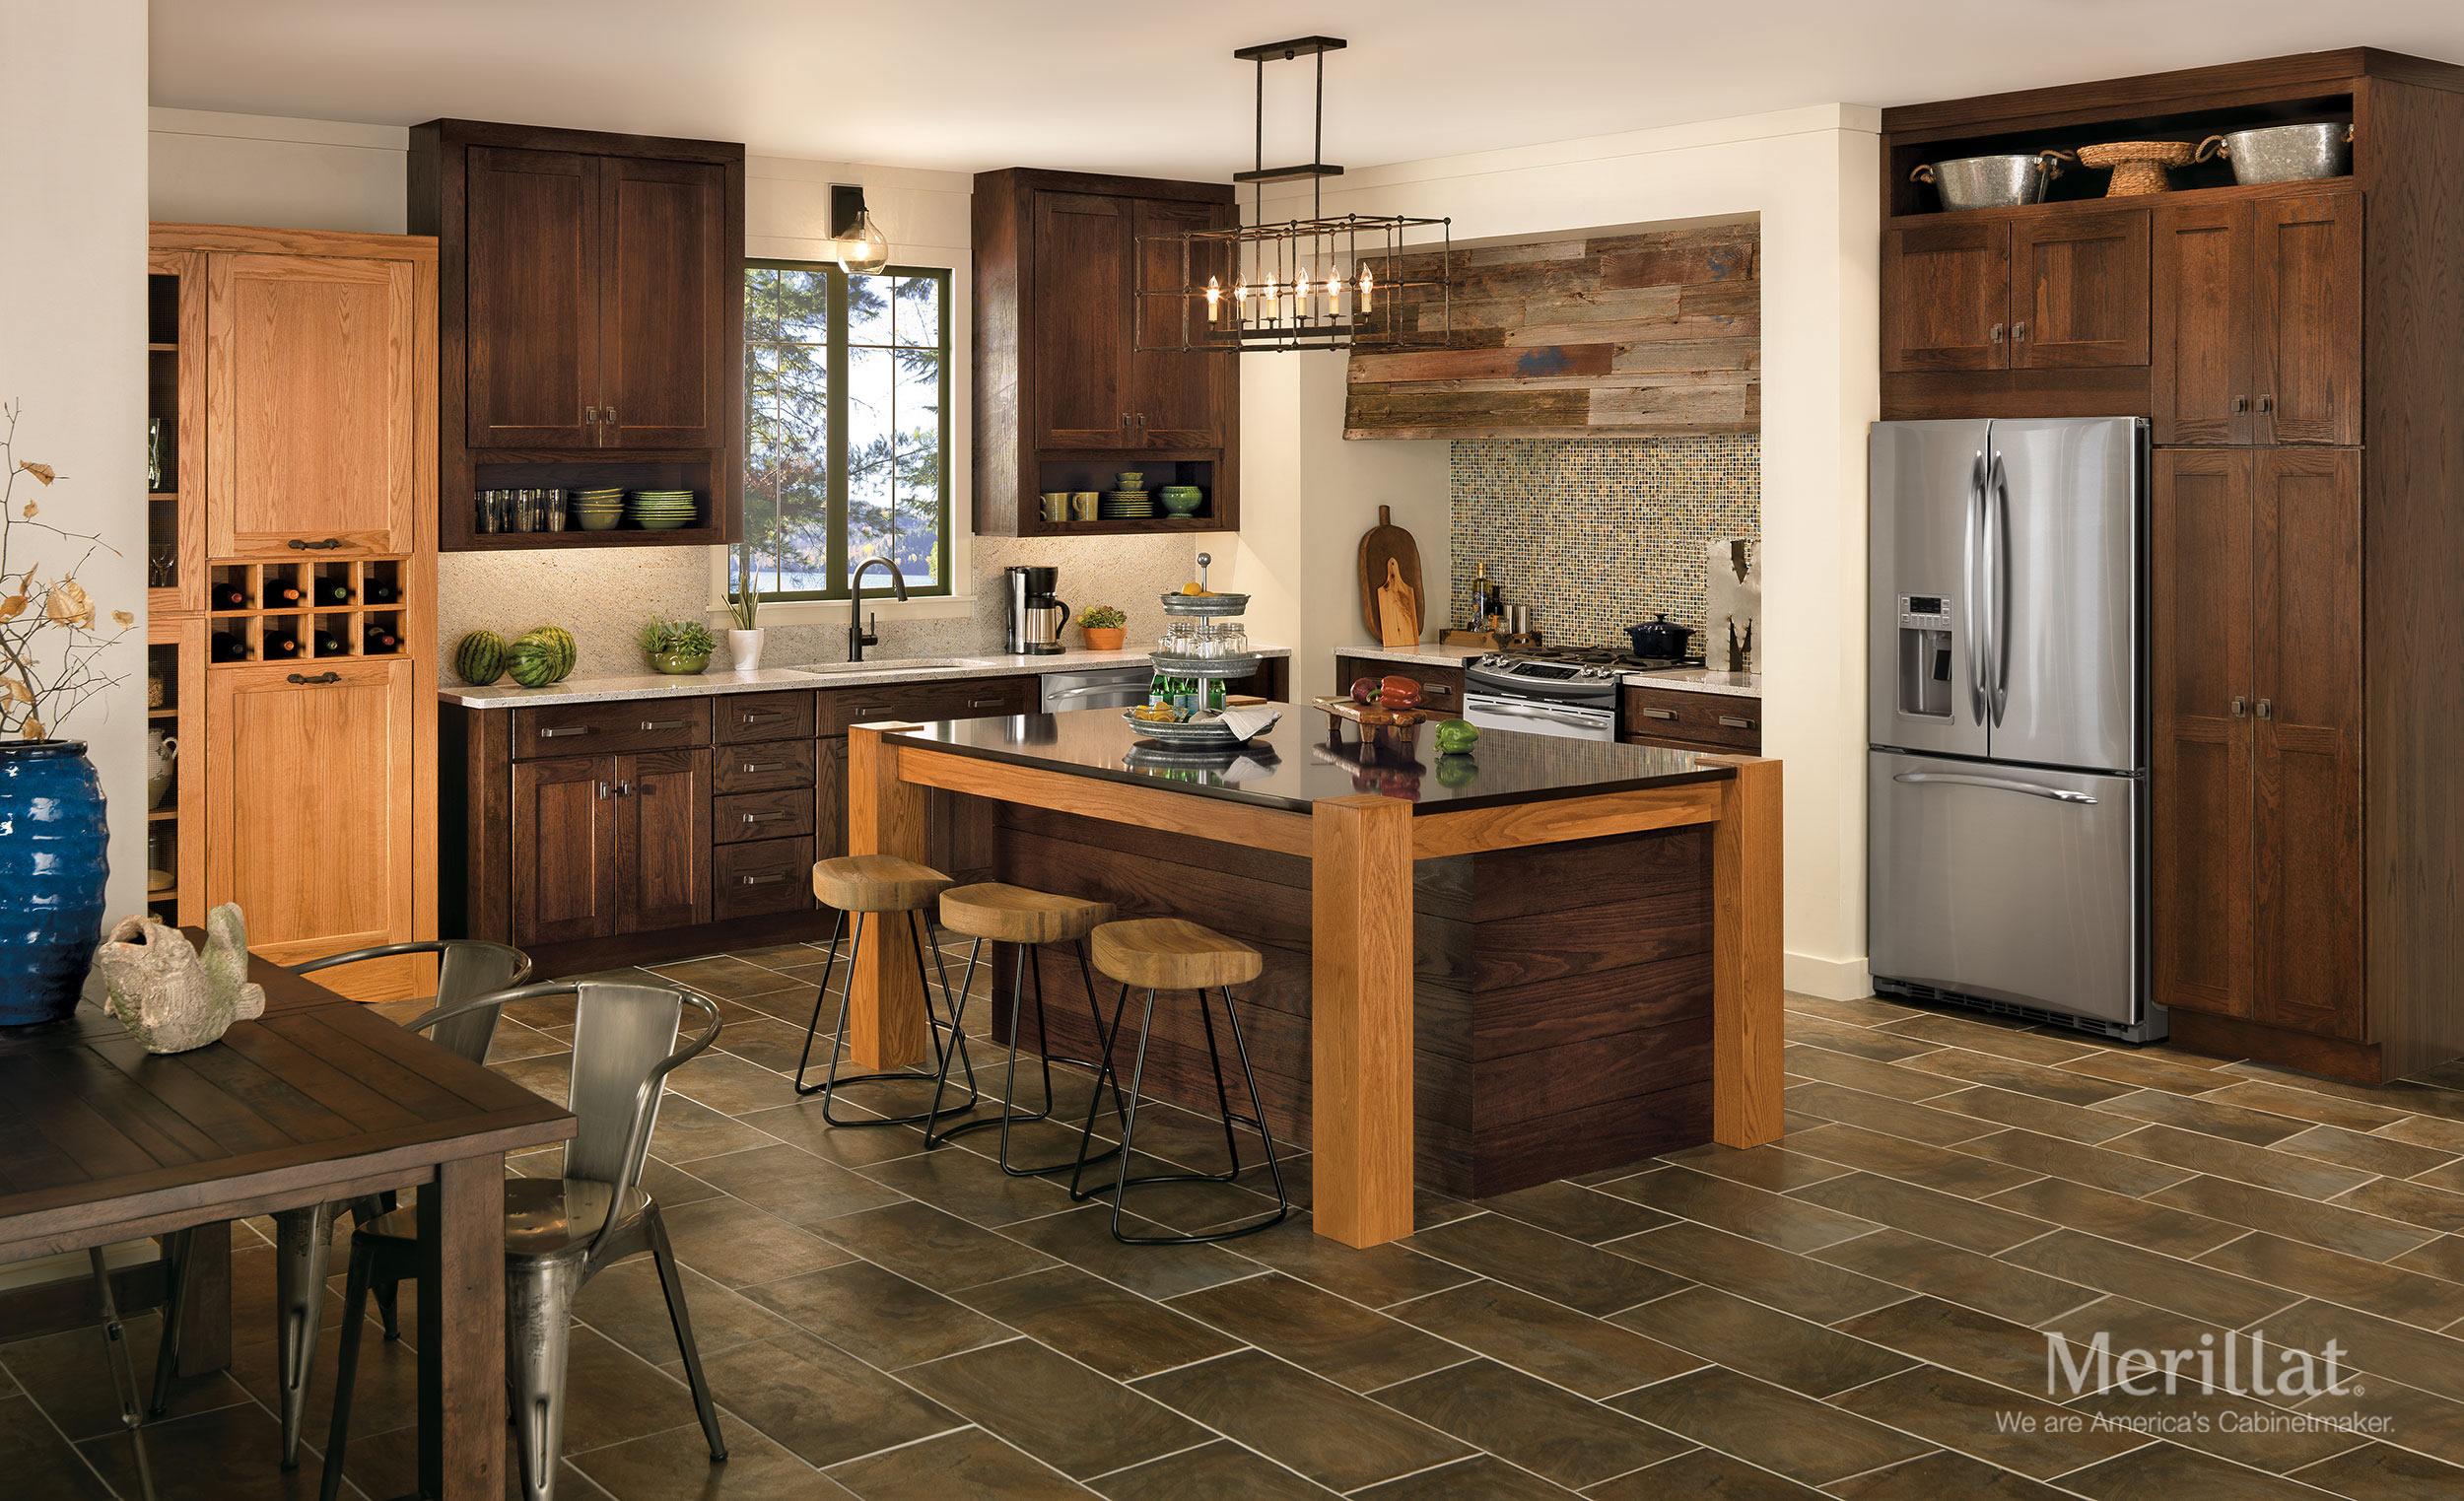 Merillat Kitchen Cabinets Merillat Classicr Tolani In Oak Pecan Merillat